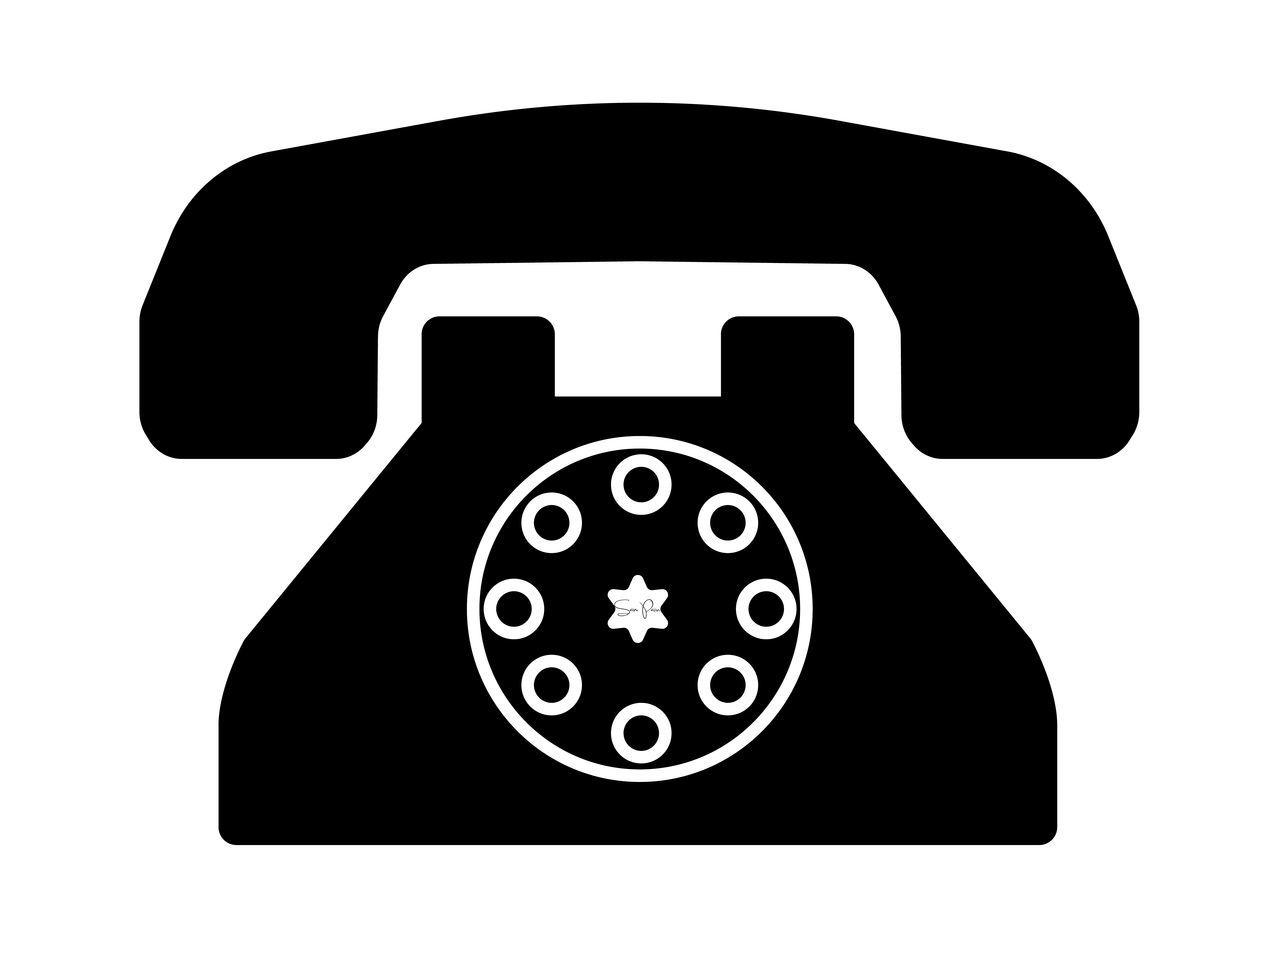 Телефон в картинках без фона, открытку картинка год